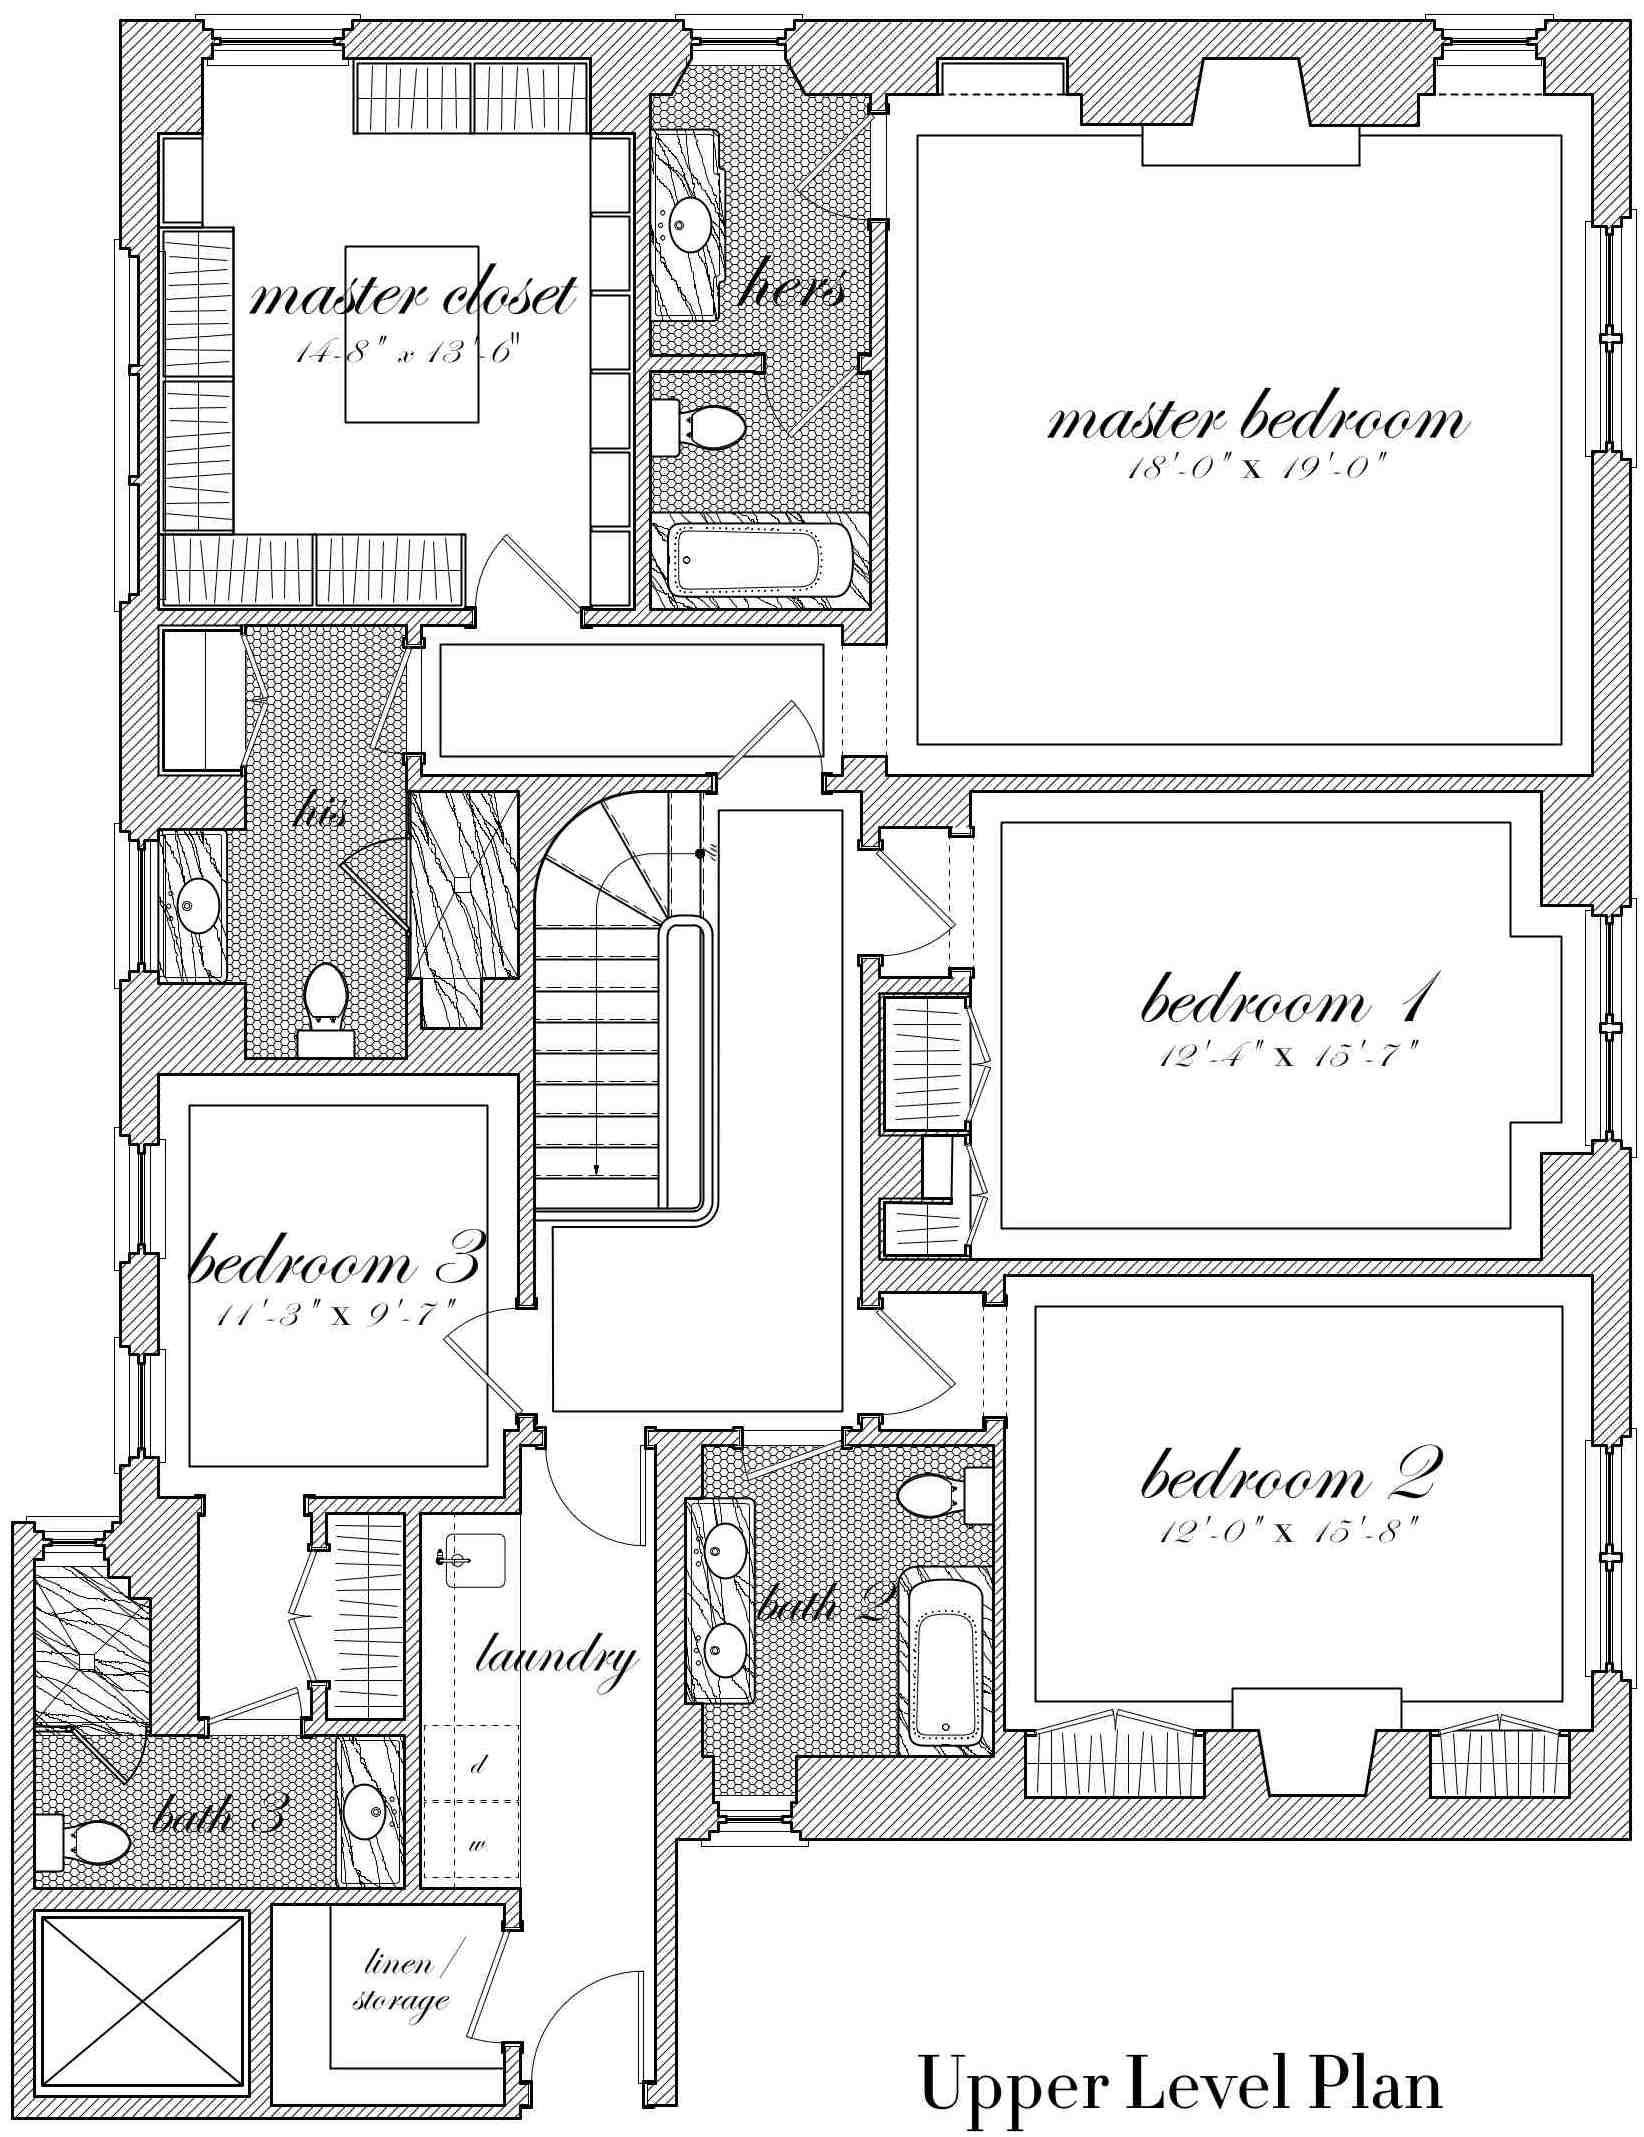 925 Park Avenue Bories Shearron Architecture Dpc With Images